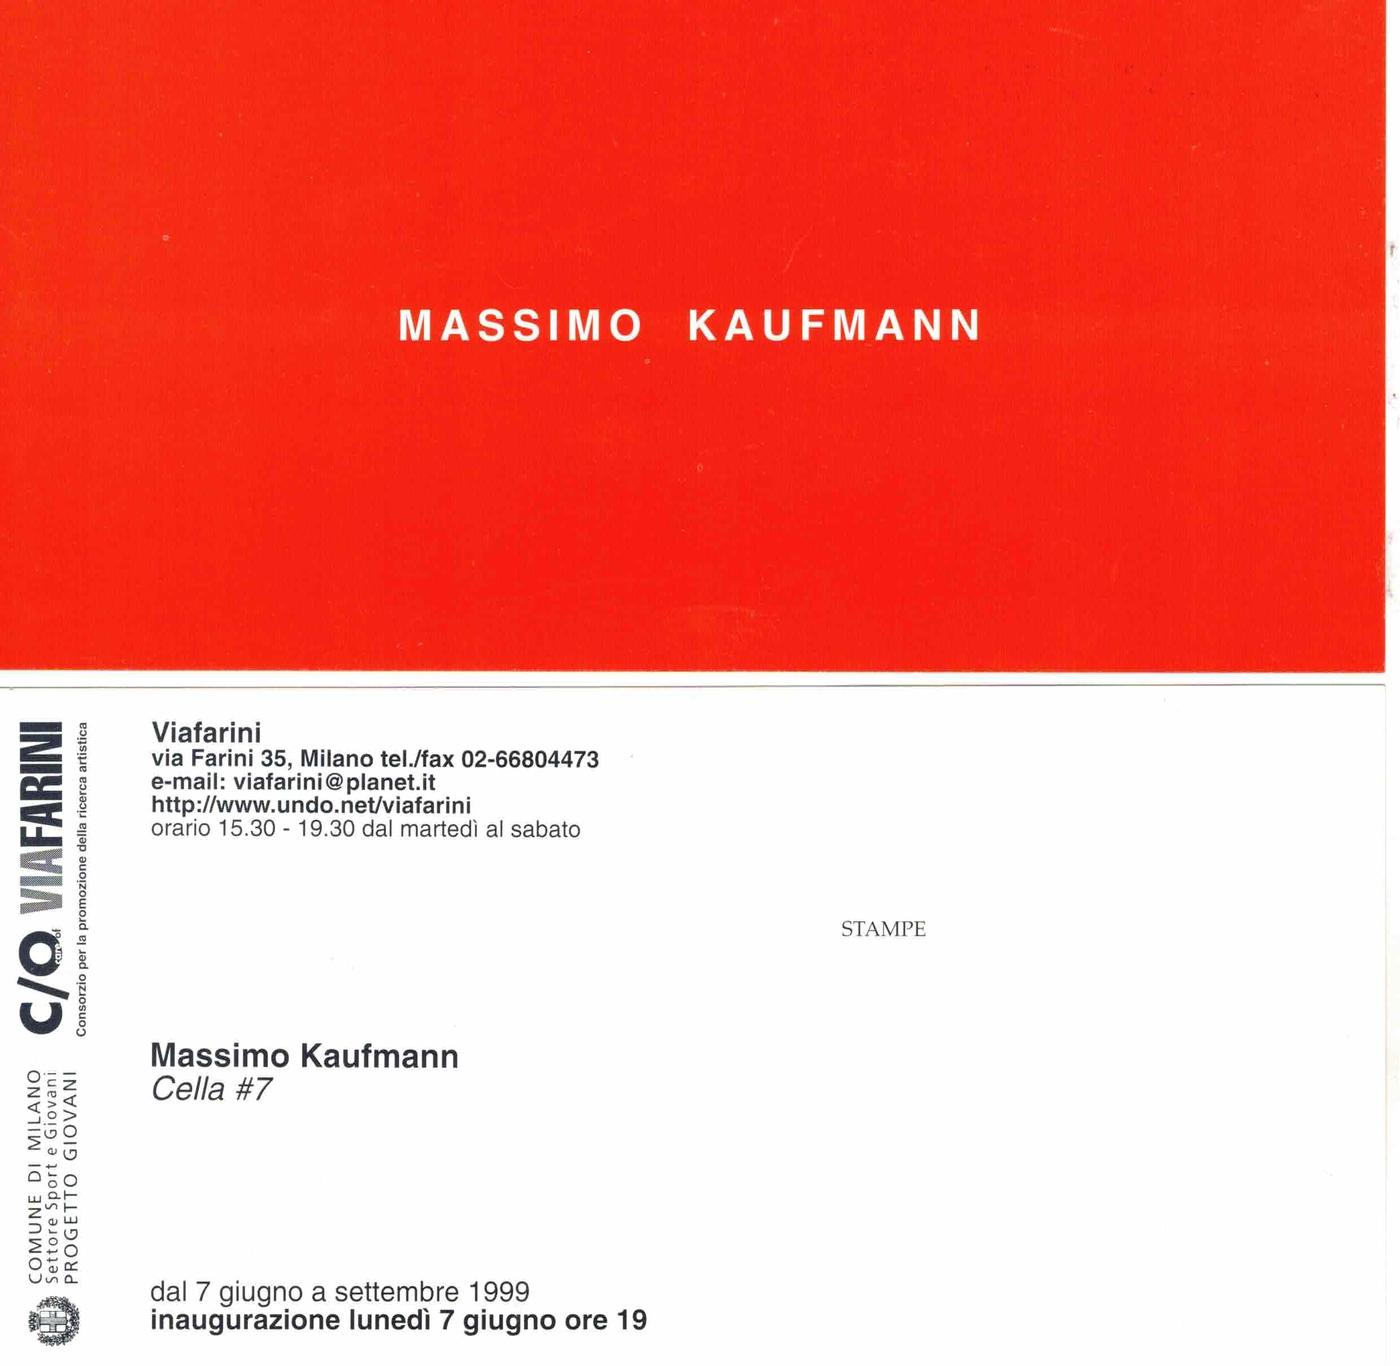 Massimo Kaufmann, Cella #7, L'invito